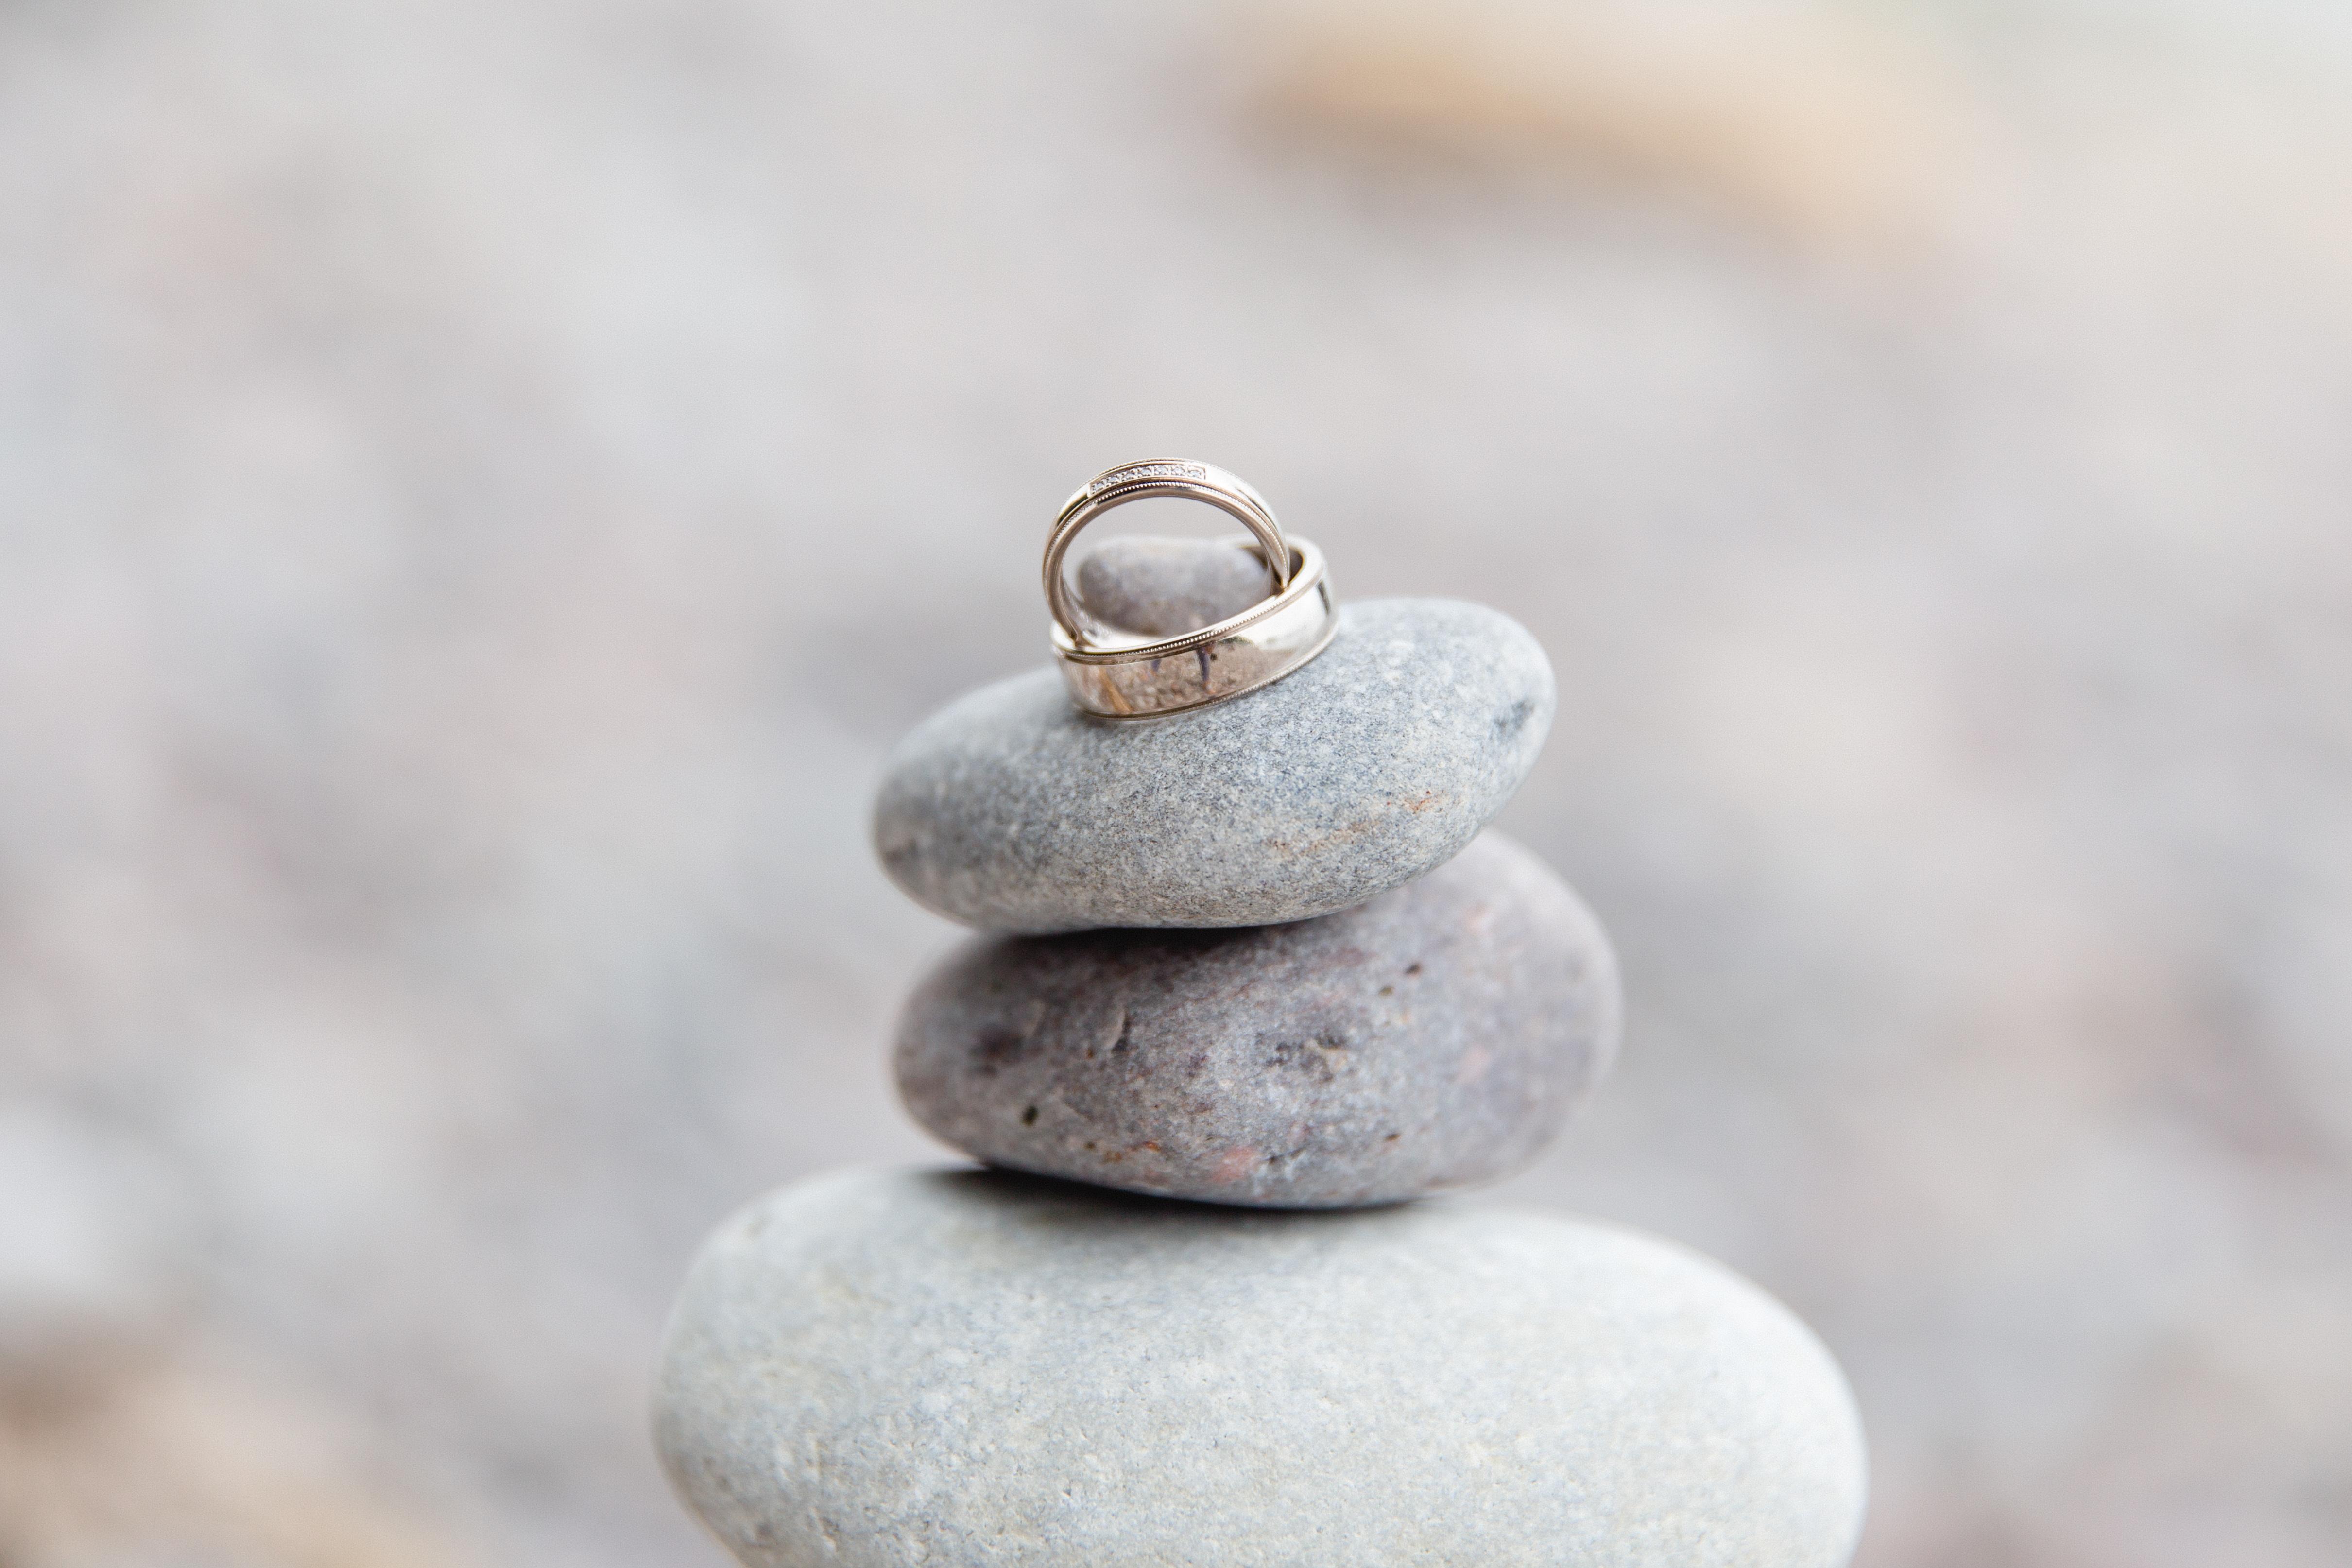 Eheringe auf einem Stein fotografiert